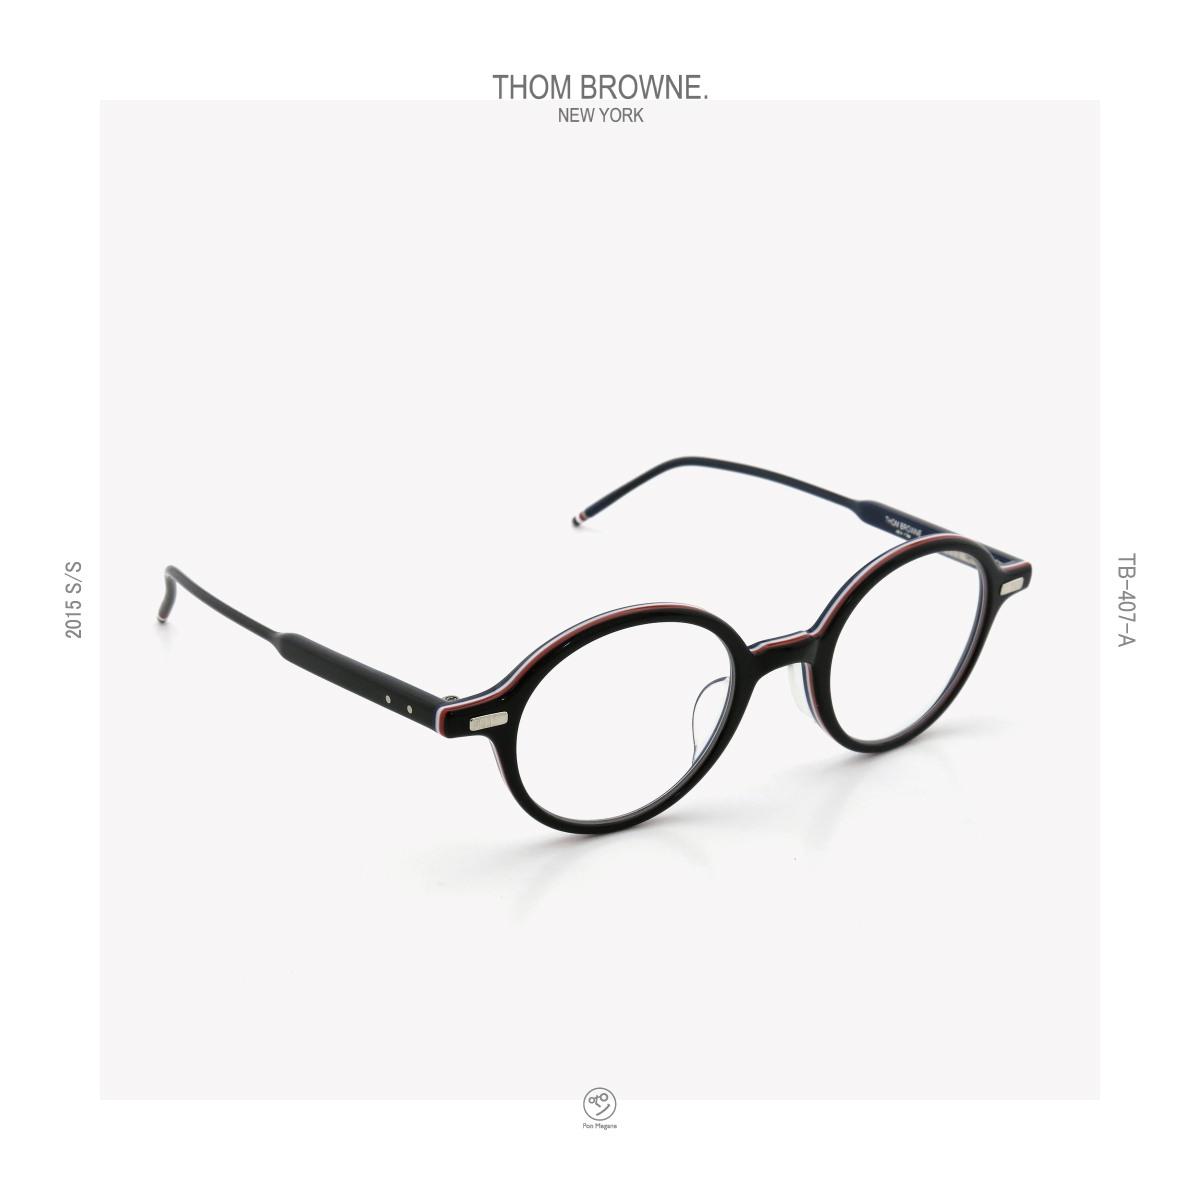 THOM-BROWNE 2015s/s TB-407 A BLK-RWB_46siz